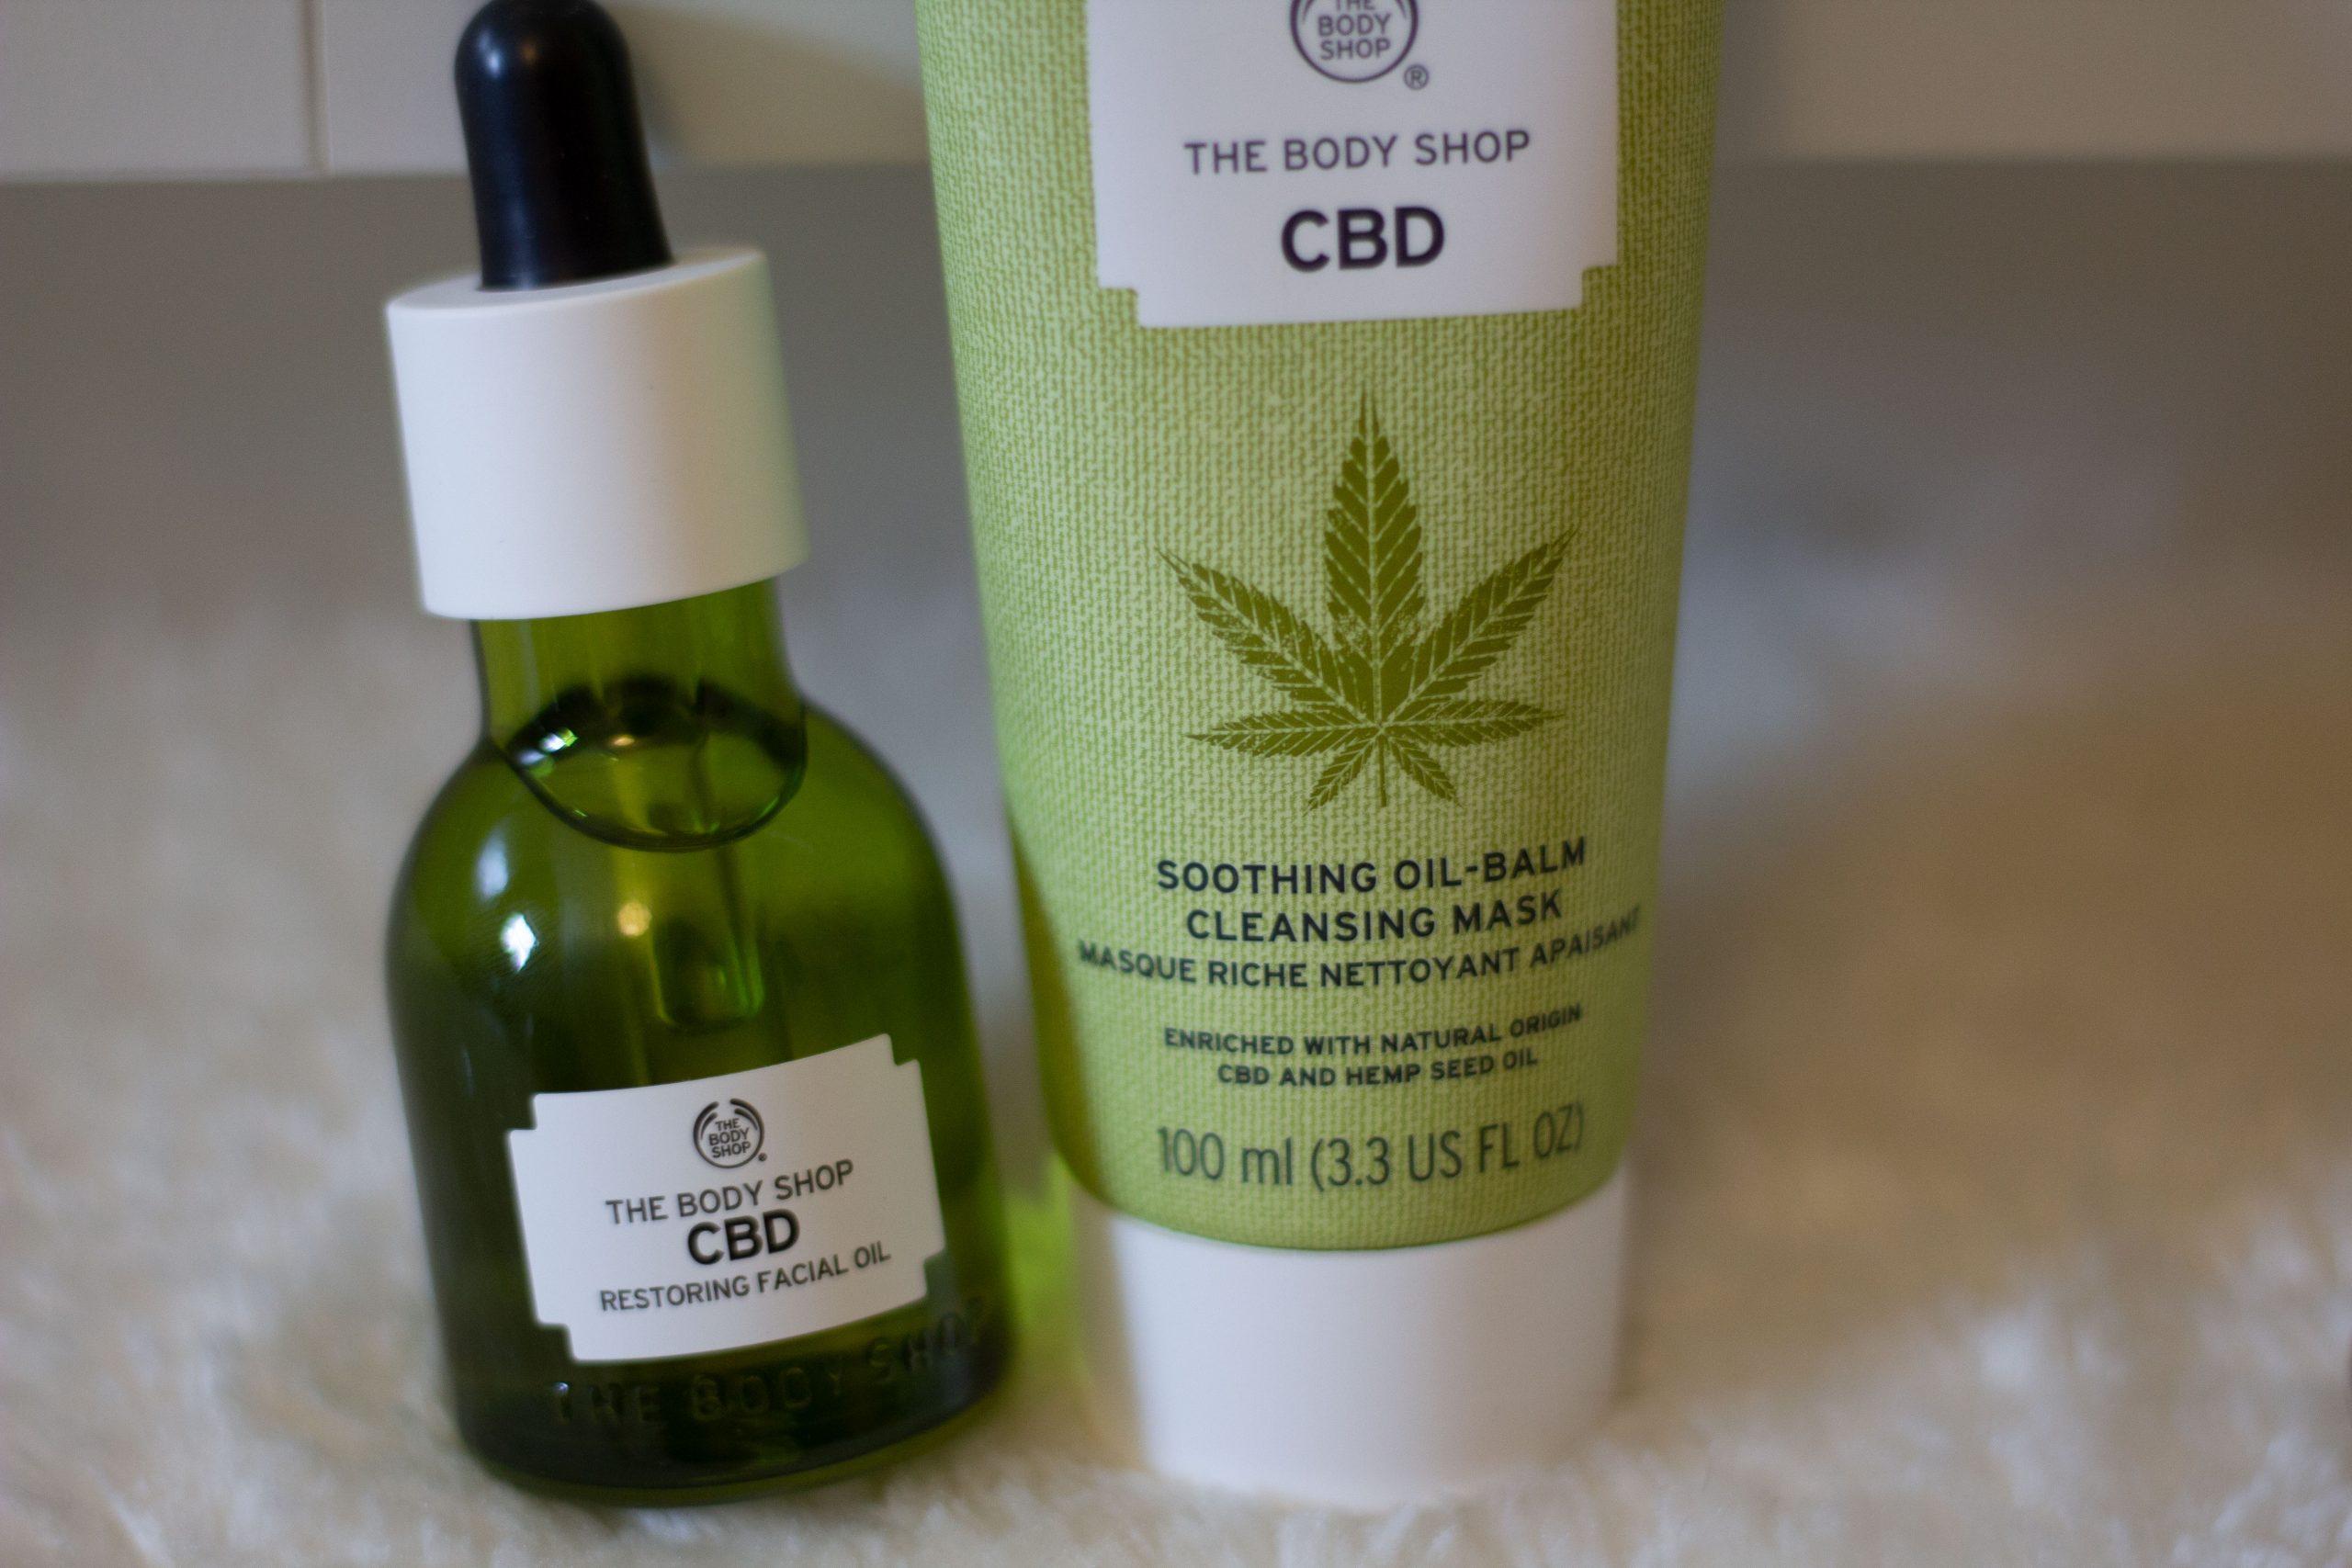 Masque The Body Shop à base de CBD